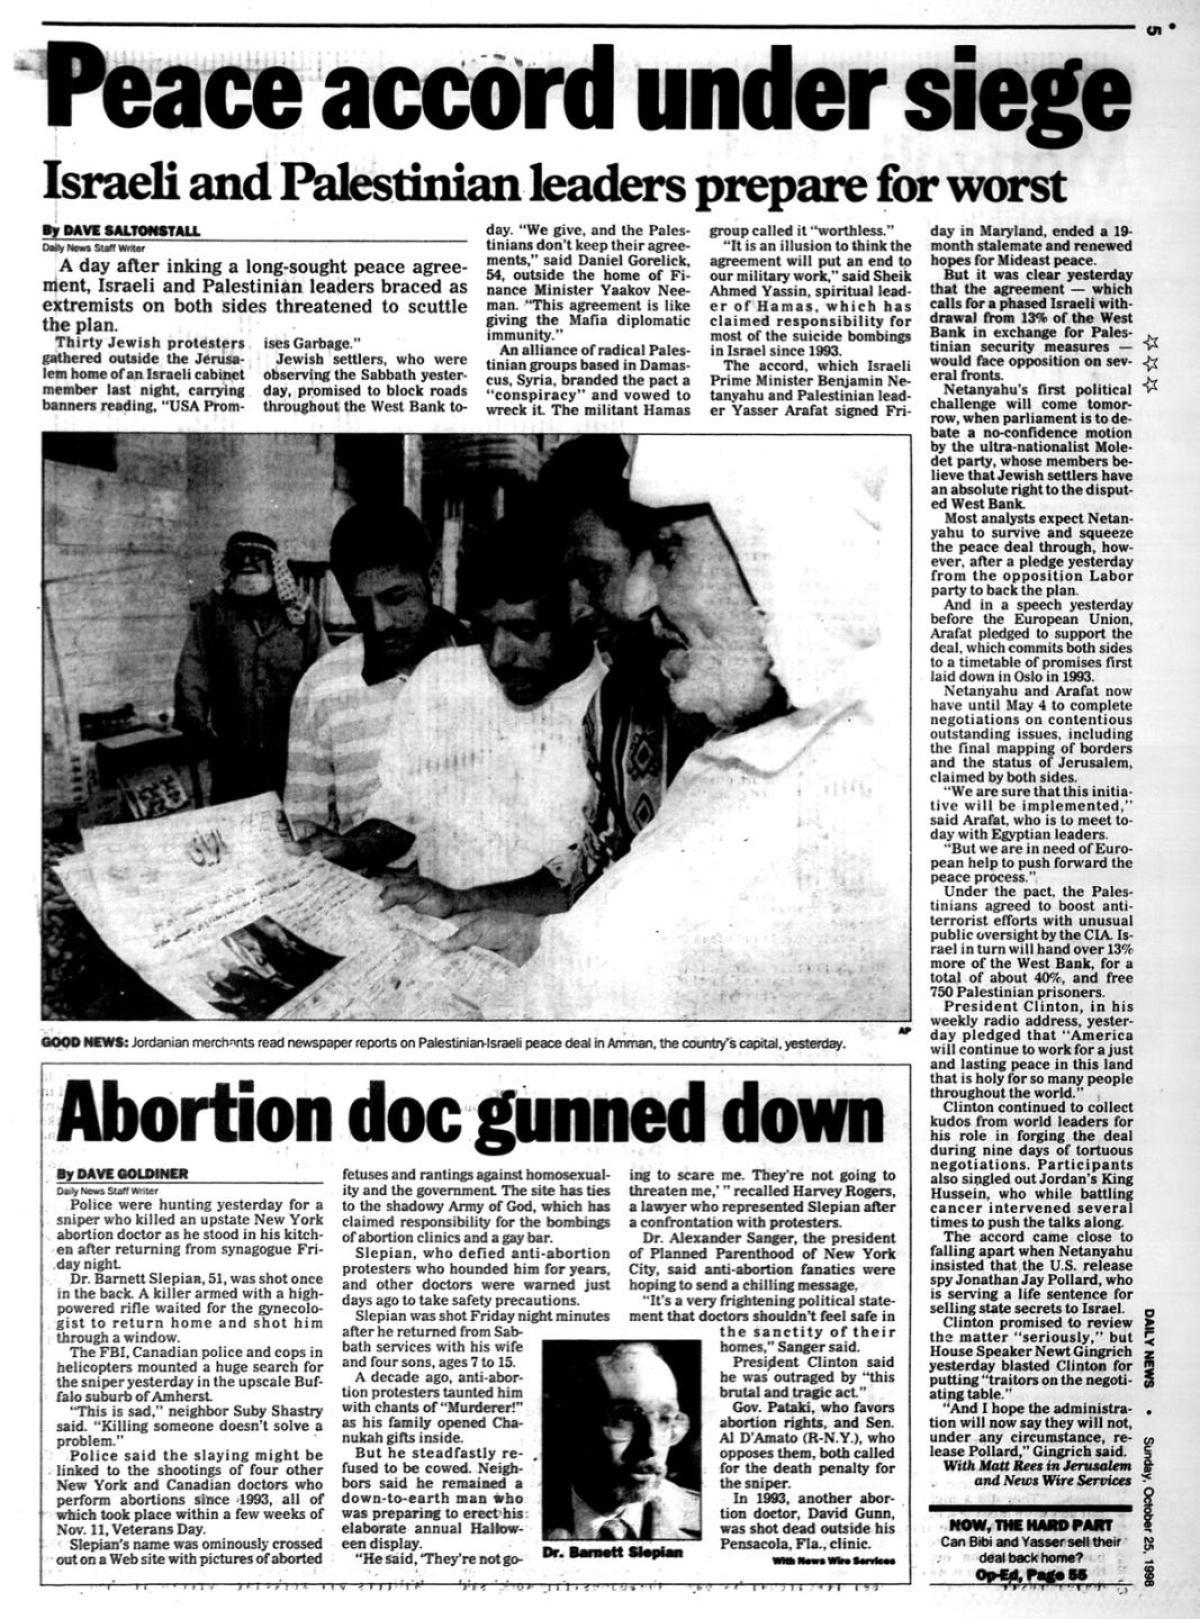 醫師史萊皮恩(Barnett Slepian)被槍擊的新聞報導。取自/維基百科